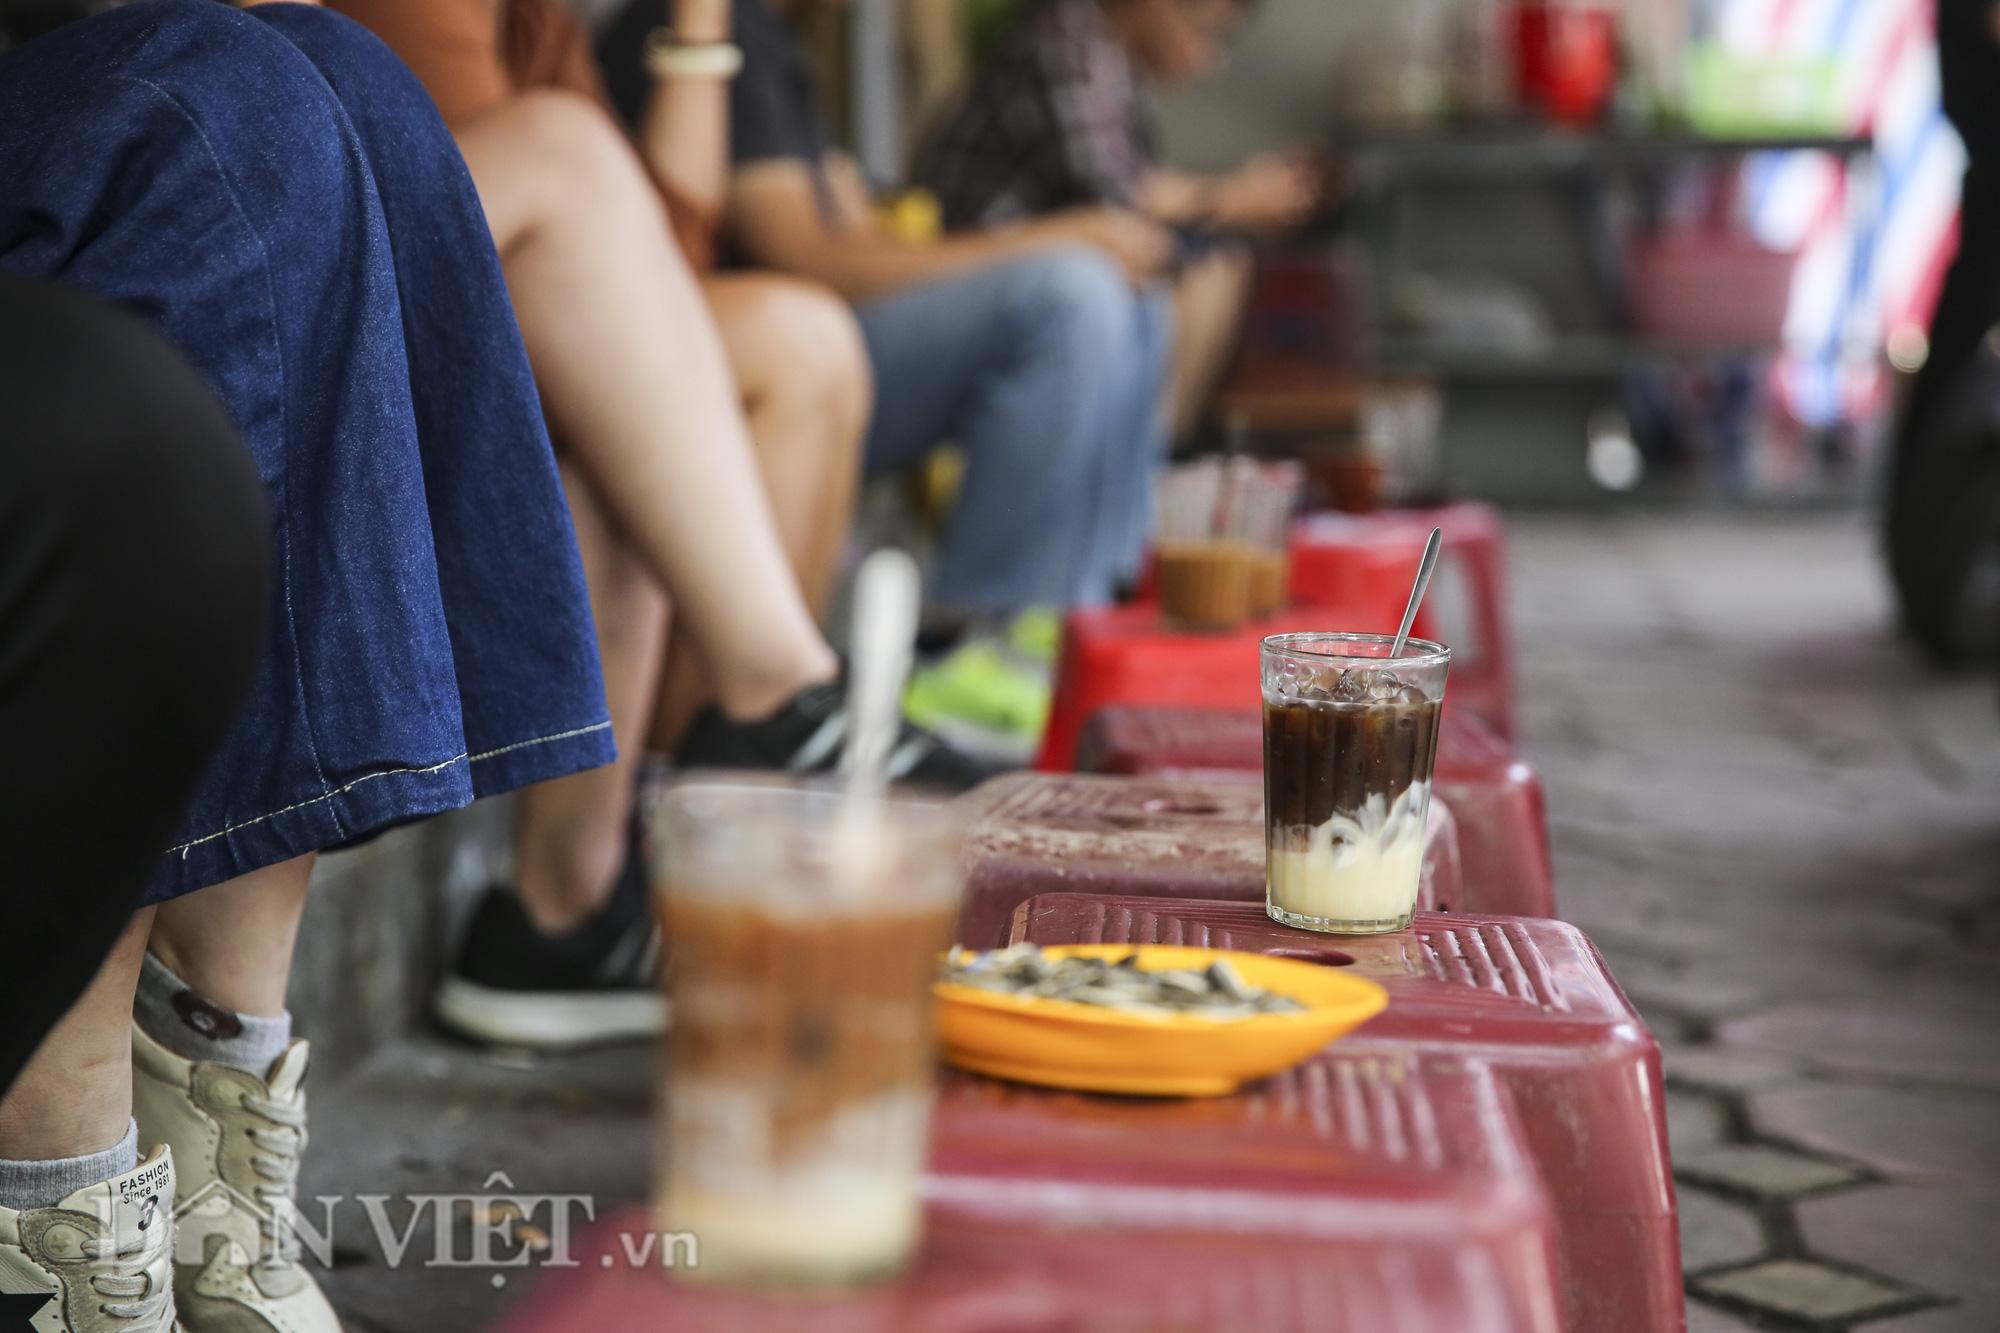 """Ngất ngây hương vị """"rang củi"""" tại quán cà phê lâu đời nhất Hà Nội - Ảnh 9."""